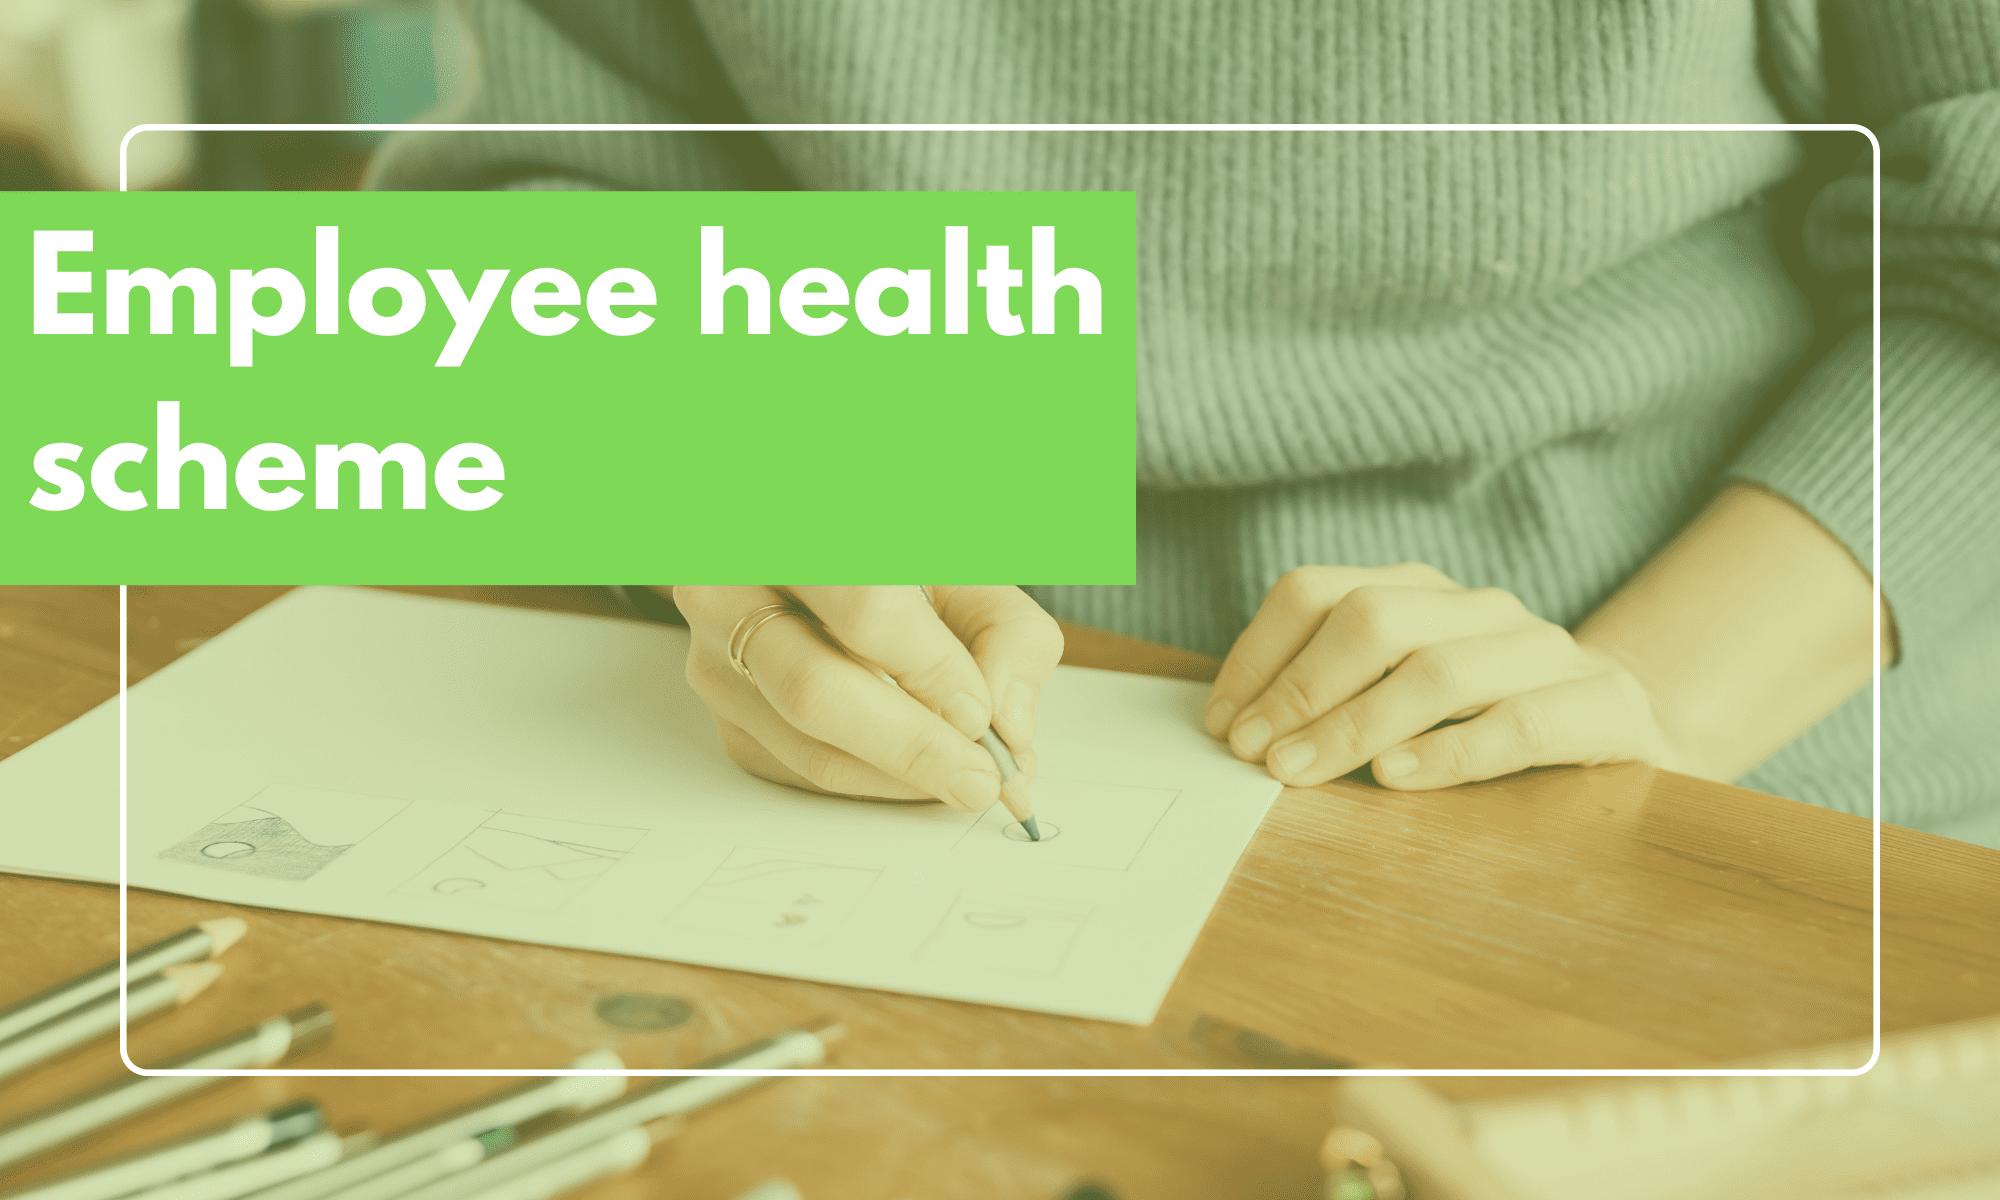 employee health scheme